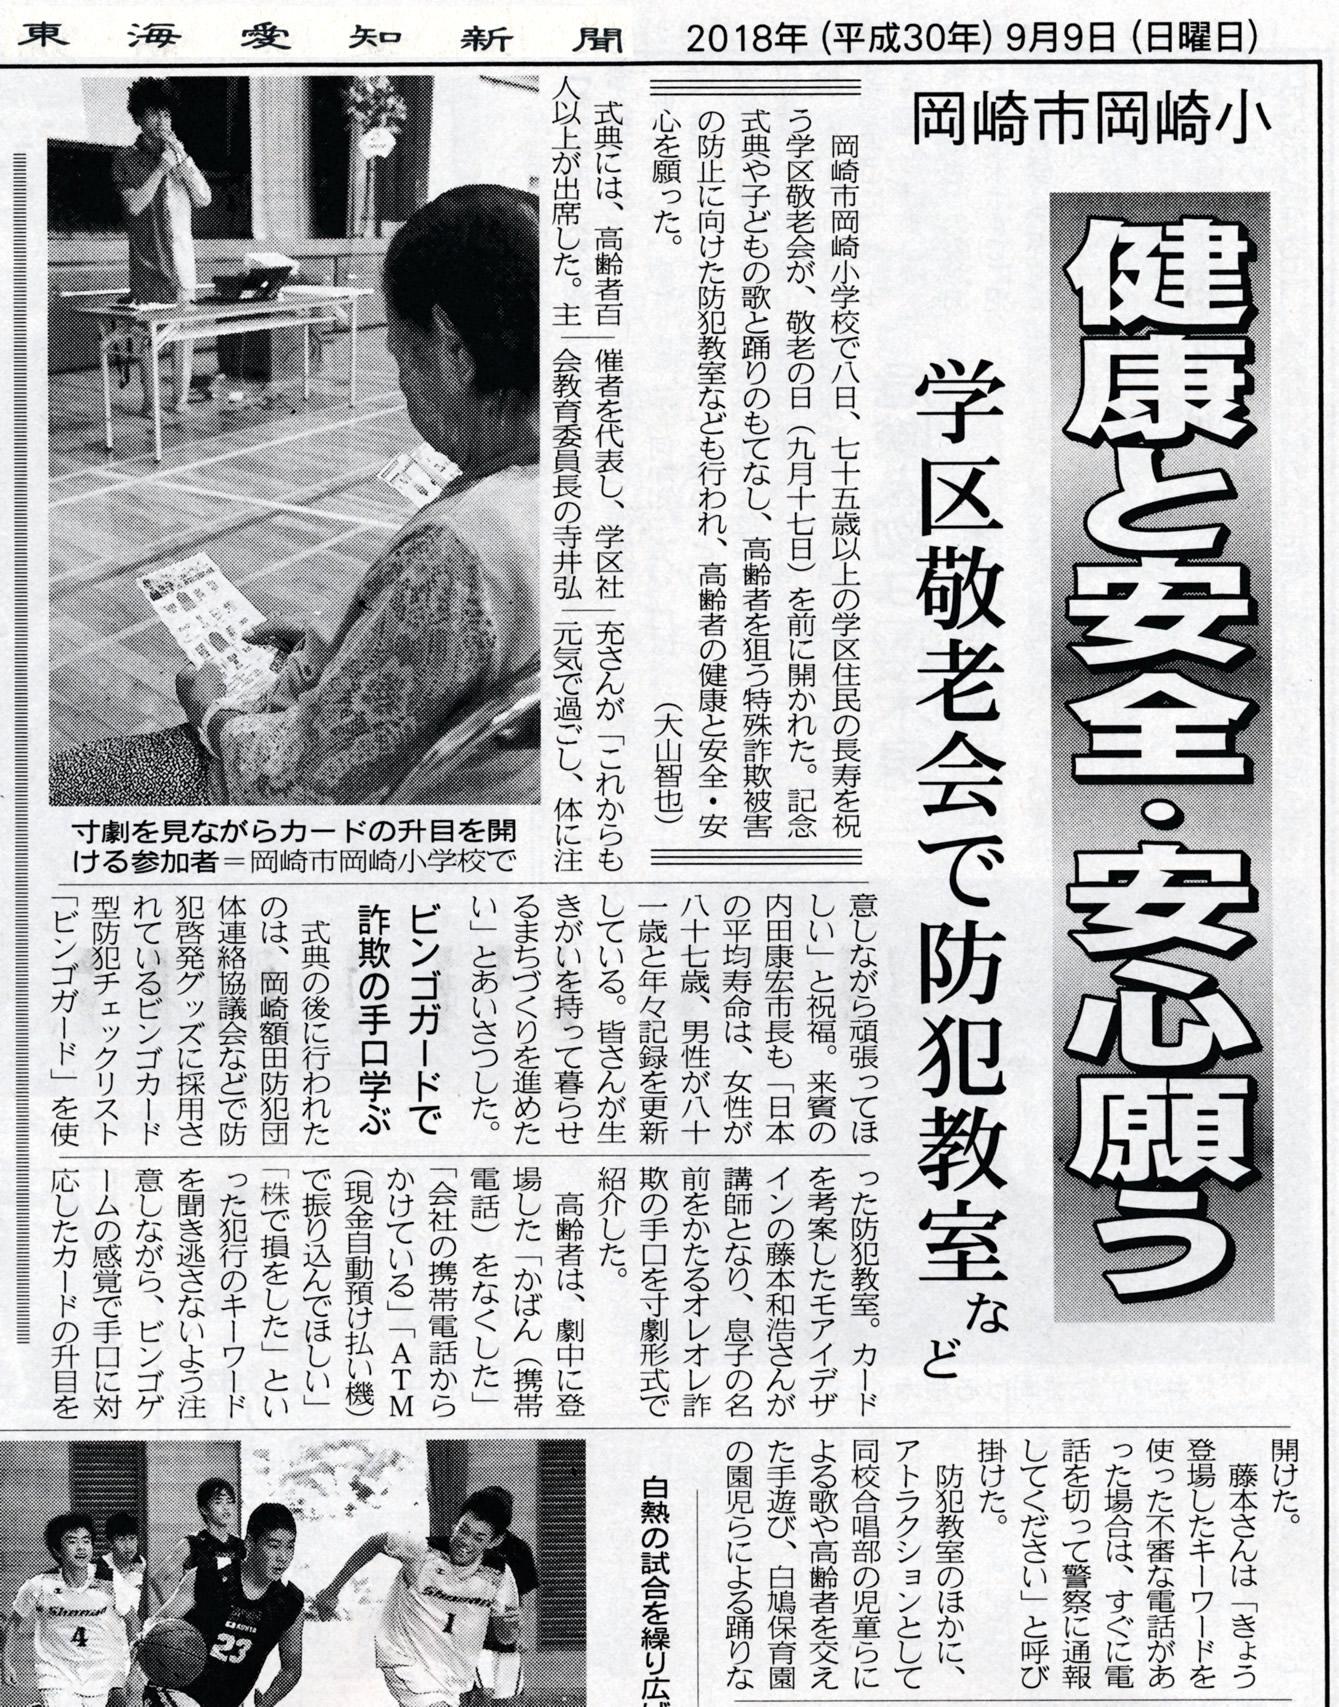 老会にお招きいただき開催したビンゴガード大会の様子が東海愛知新聞さんに掲載されました。 #ビンゴガイド #BingoGuard #MoaiDesign #モアイデザイン